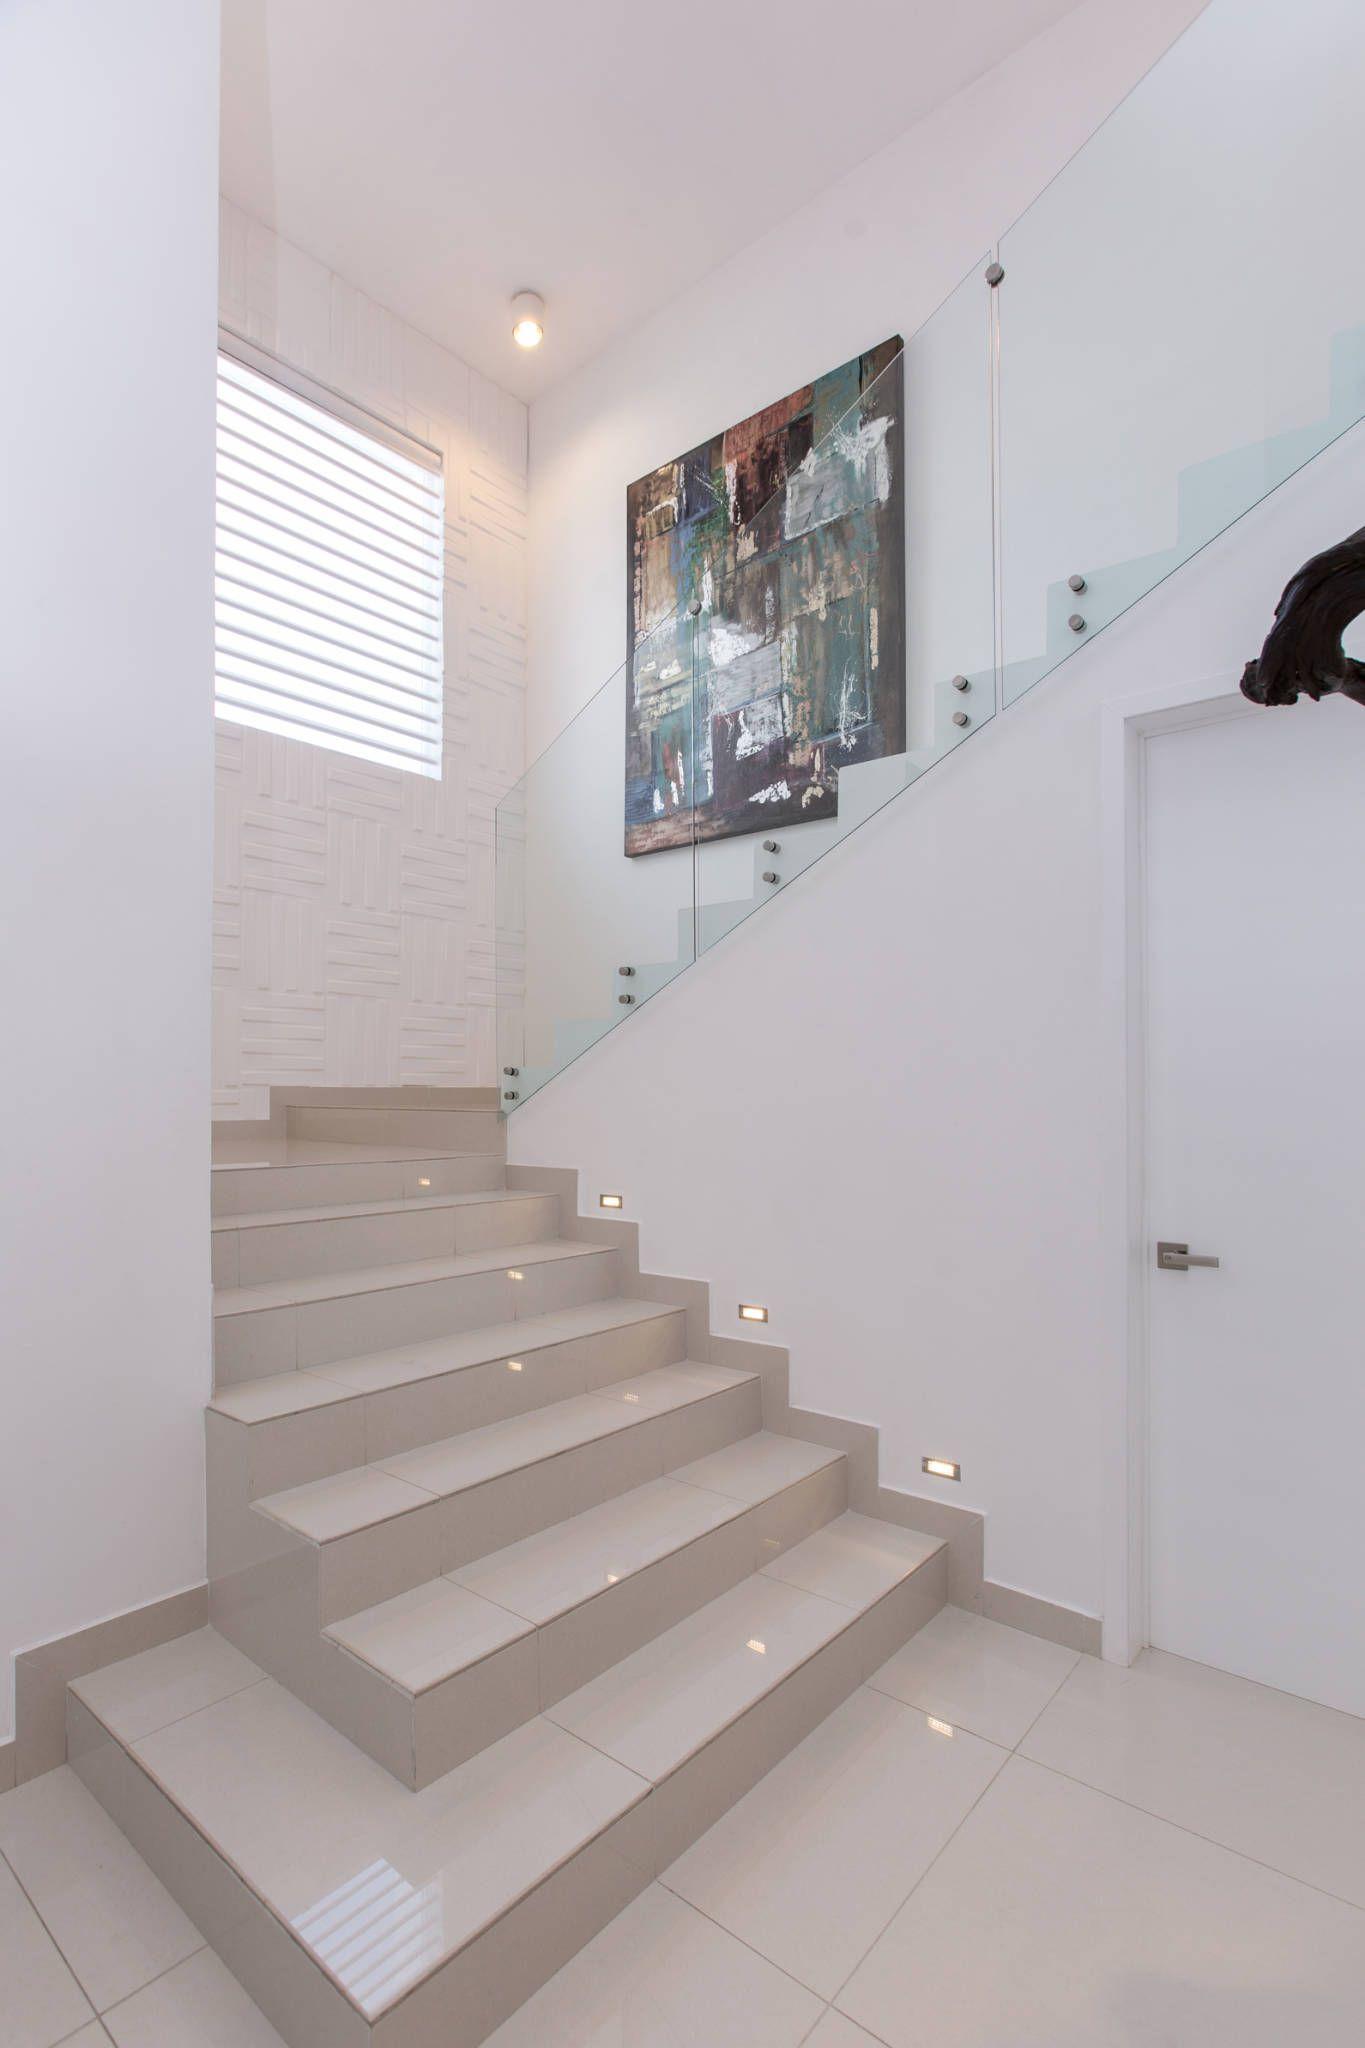 Im genes de decoraci n y dise o de interiores estilo for Diseno pasillos interiores